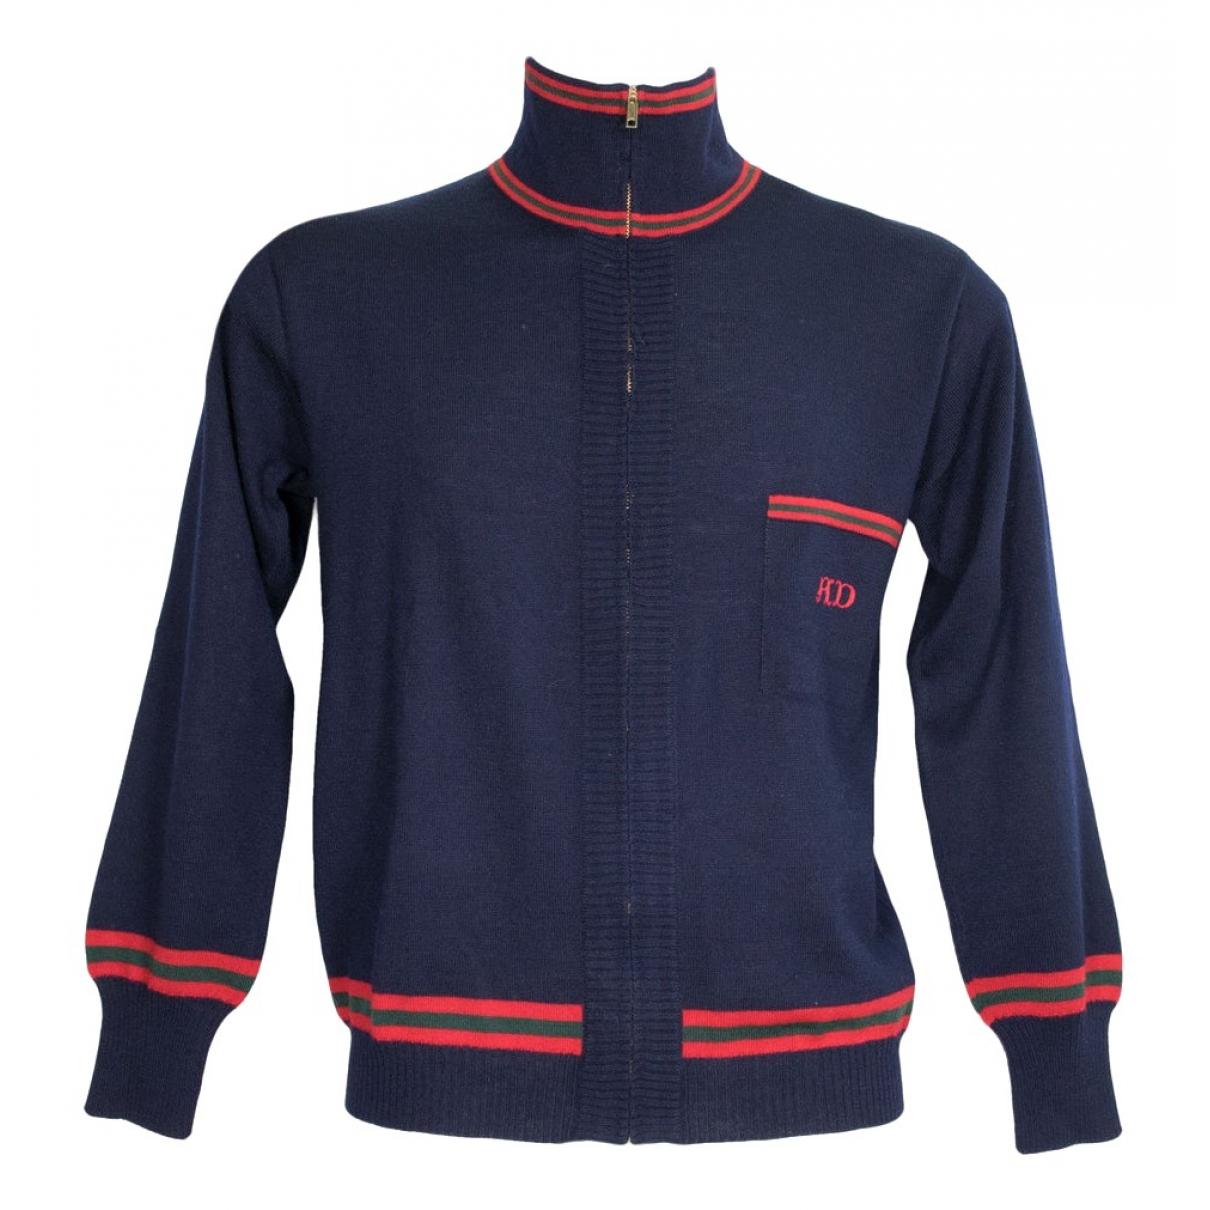 Givenchy - Pulls.Gilets.Sweats   pour homme en laine - bleu